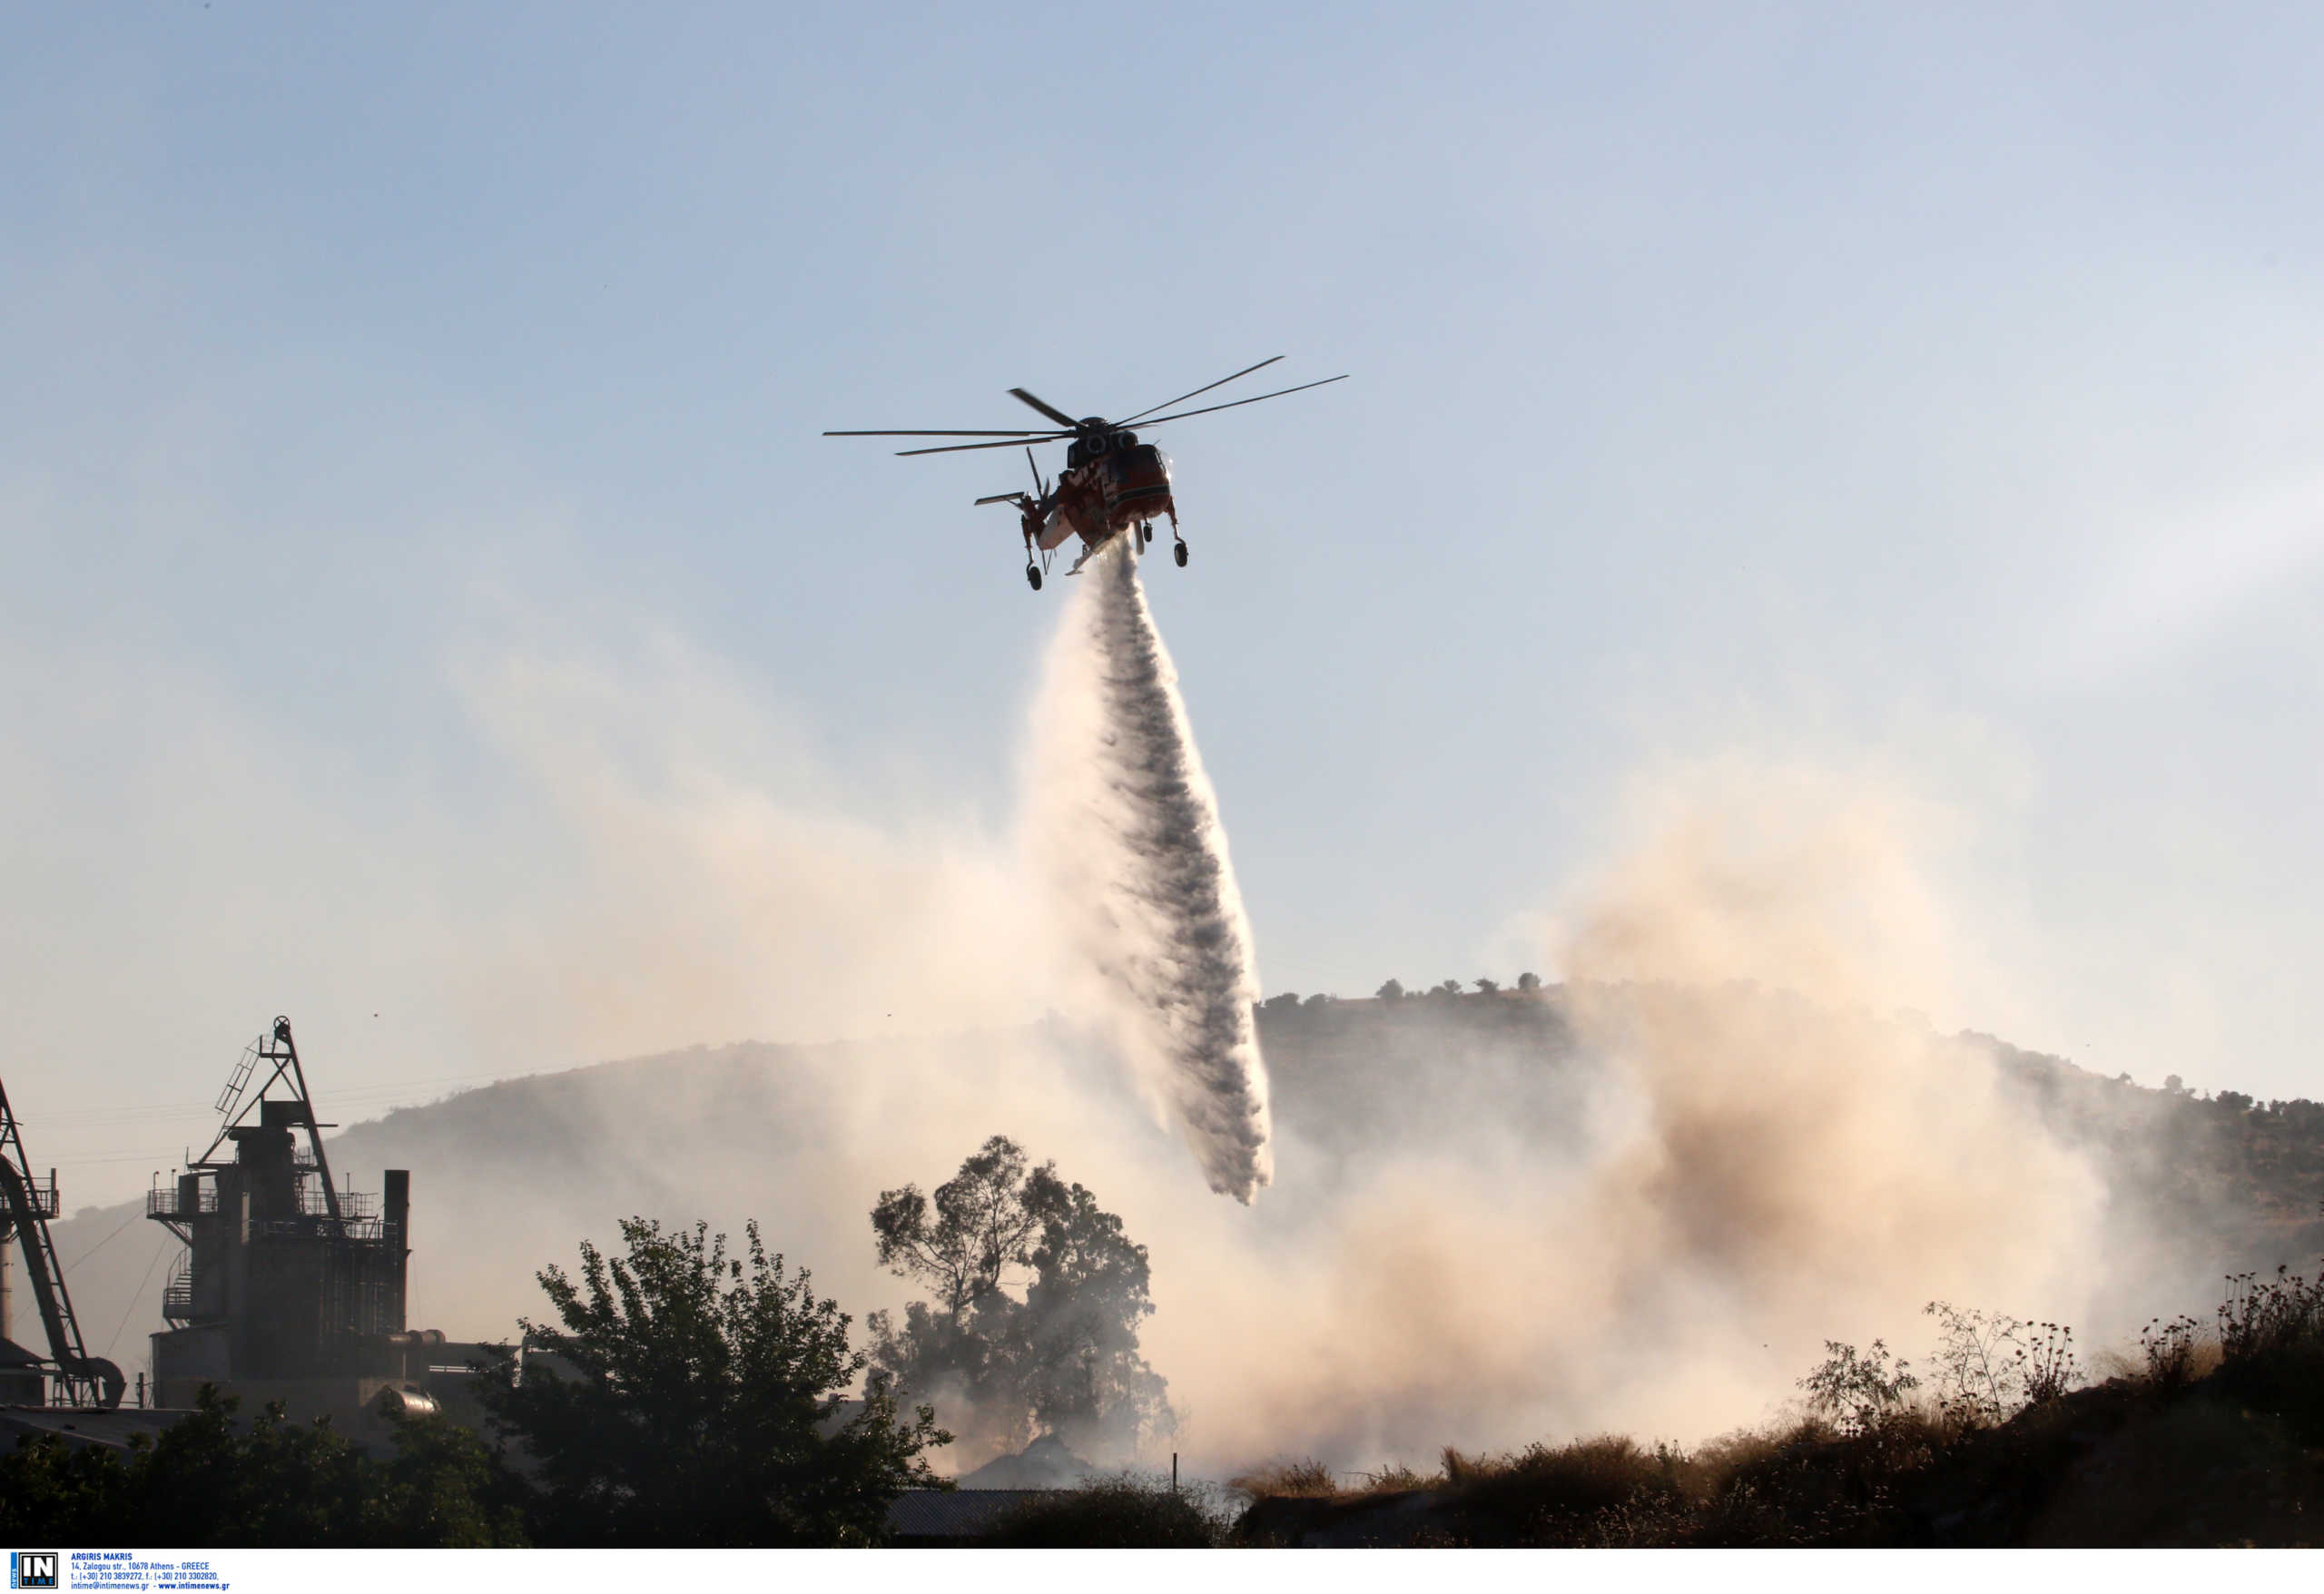 Χανιά: Ανεξέλεγκτο το πύρινο μέτωπο στο Προδρόμι – Σηκώθηκε ελικόπτερο